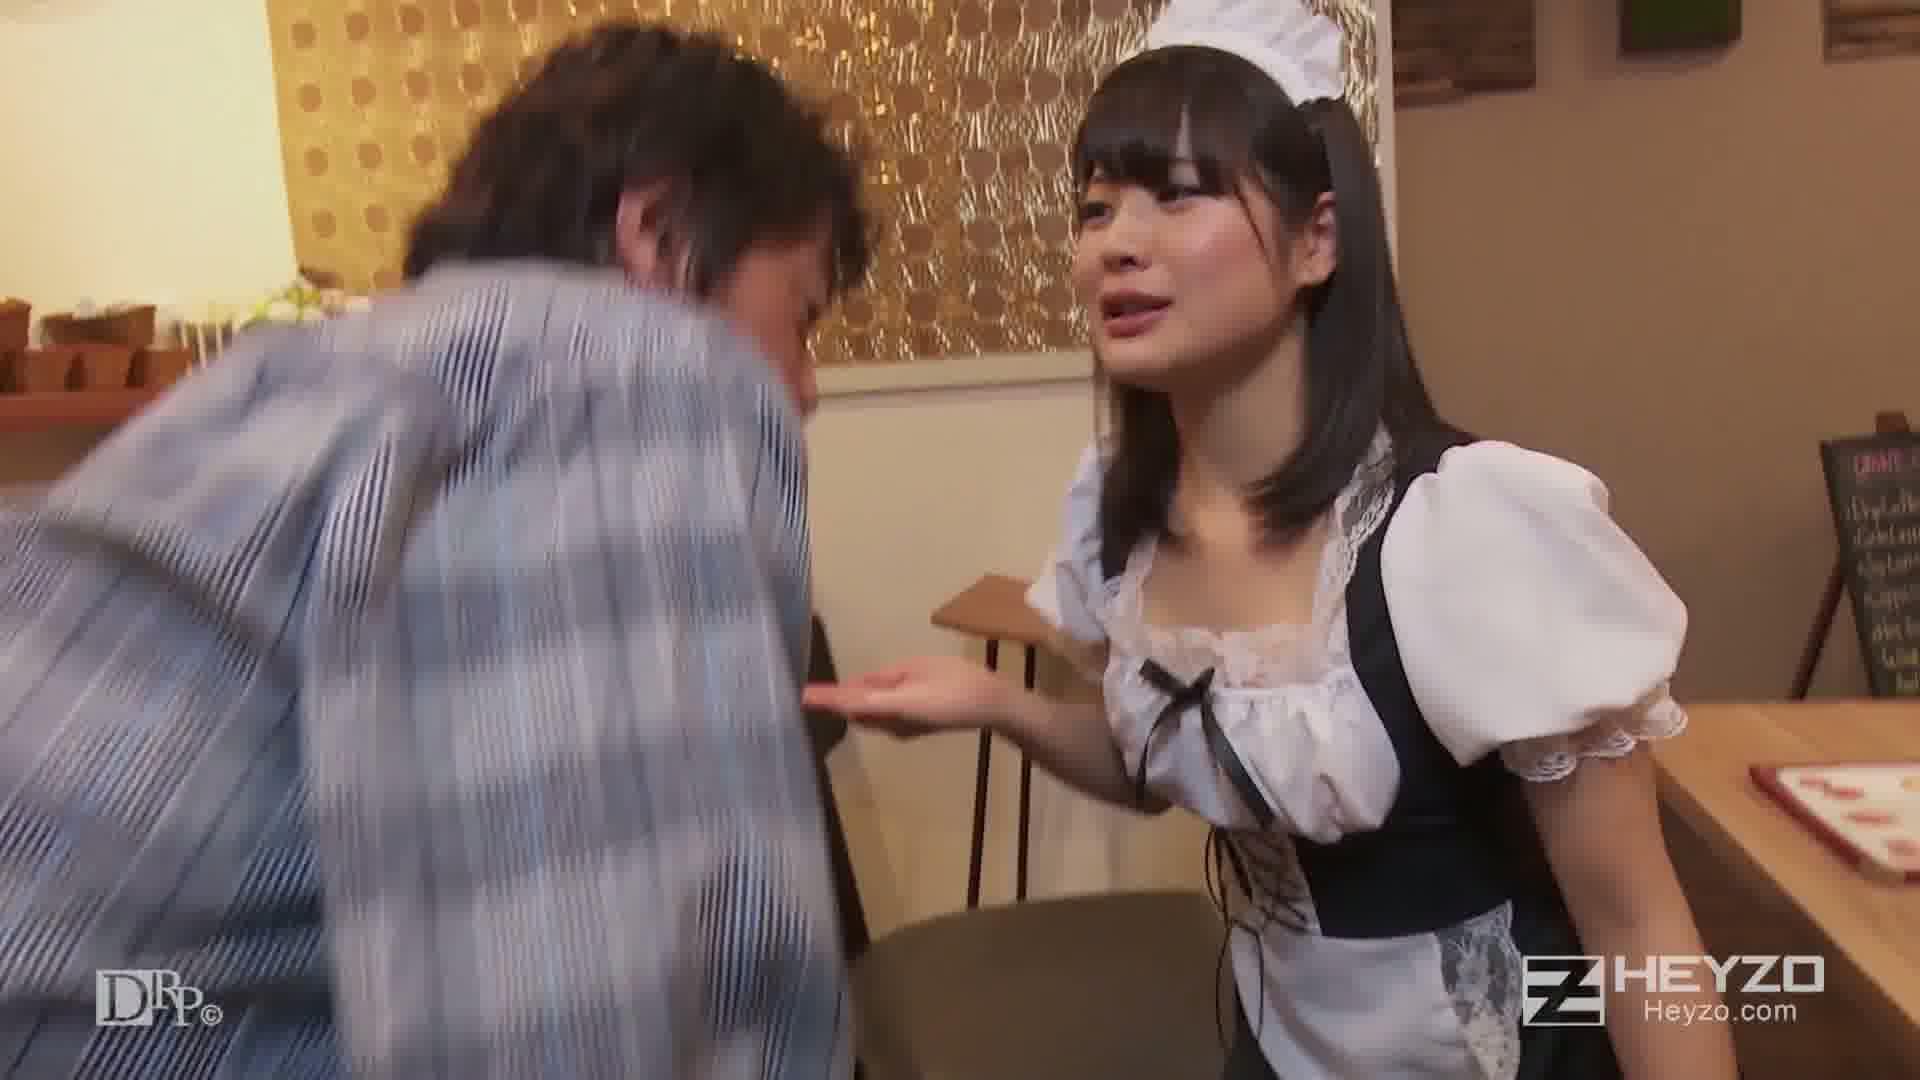 究極ご奉仕のメイドカフェ~気持ちイイですか、ご主人様?~ - 水谷あおい【フェラ抜き】